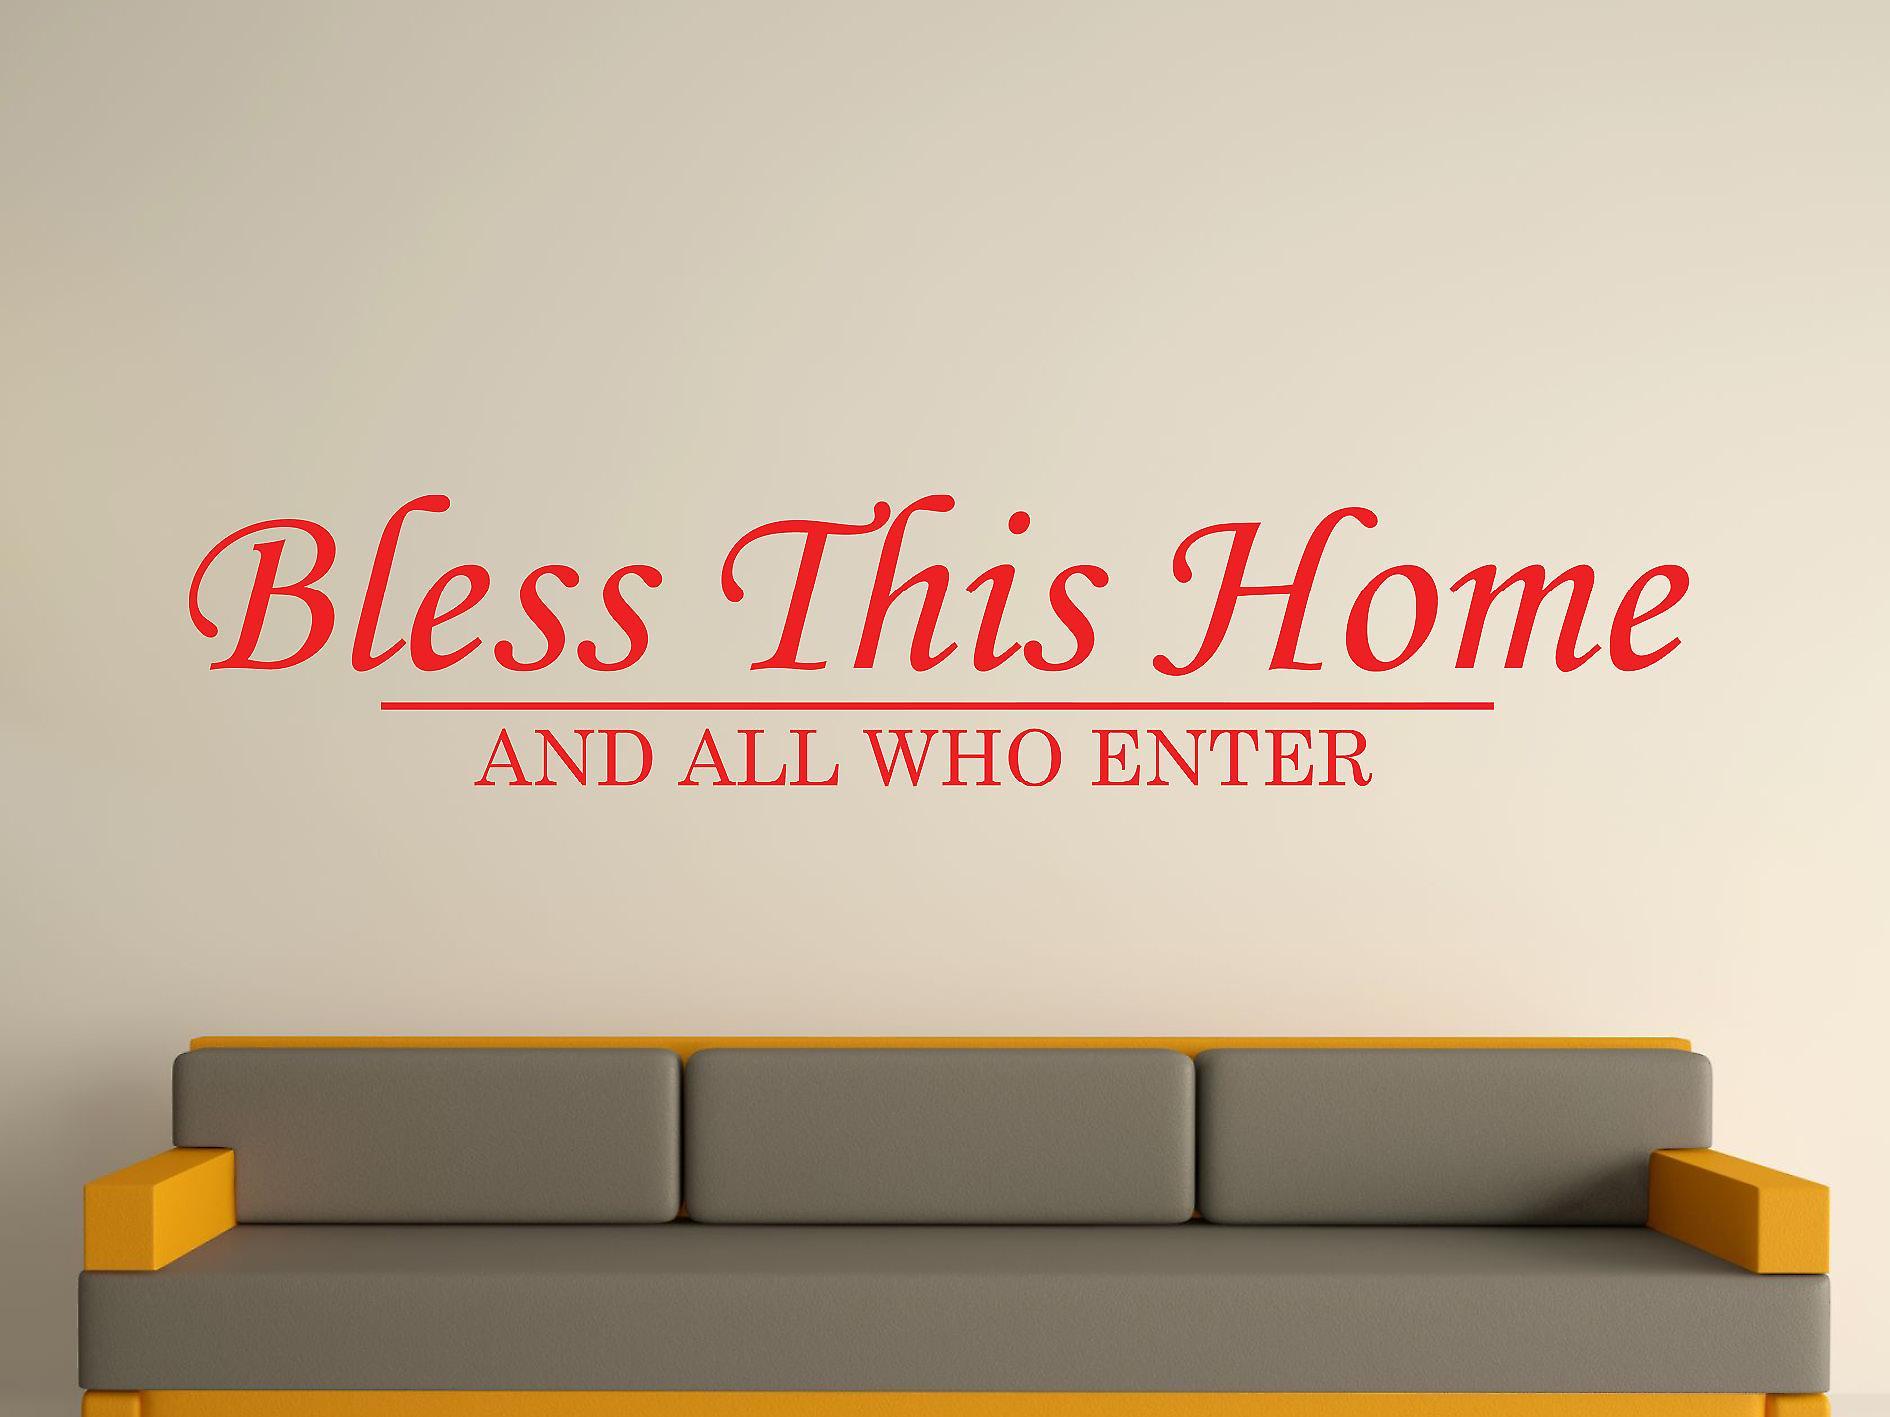 Välsigna detta hem vägg konst klistermärke - tomat röd